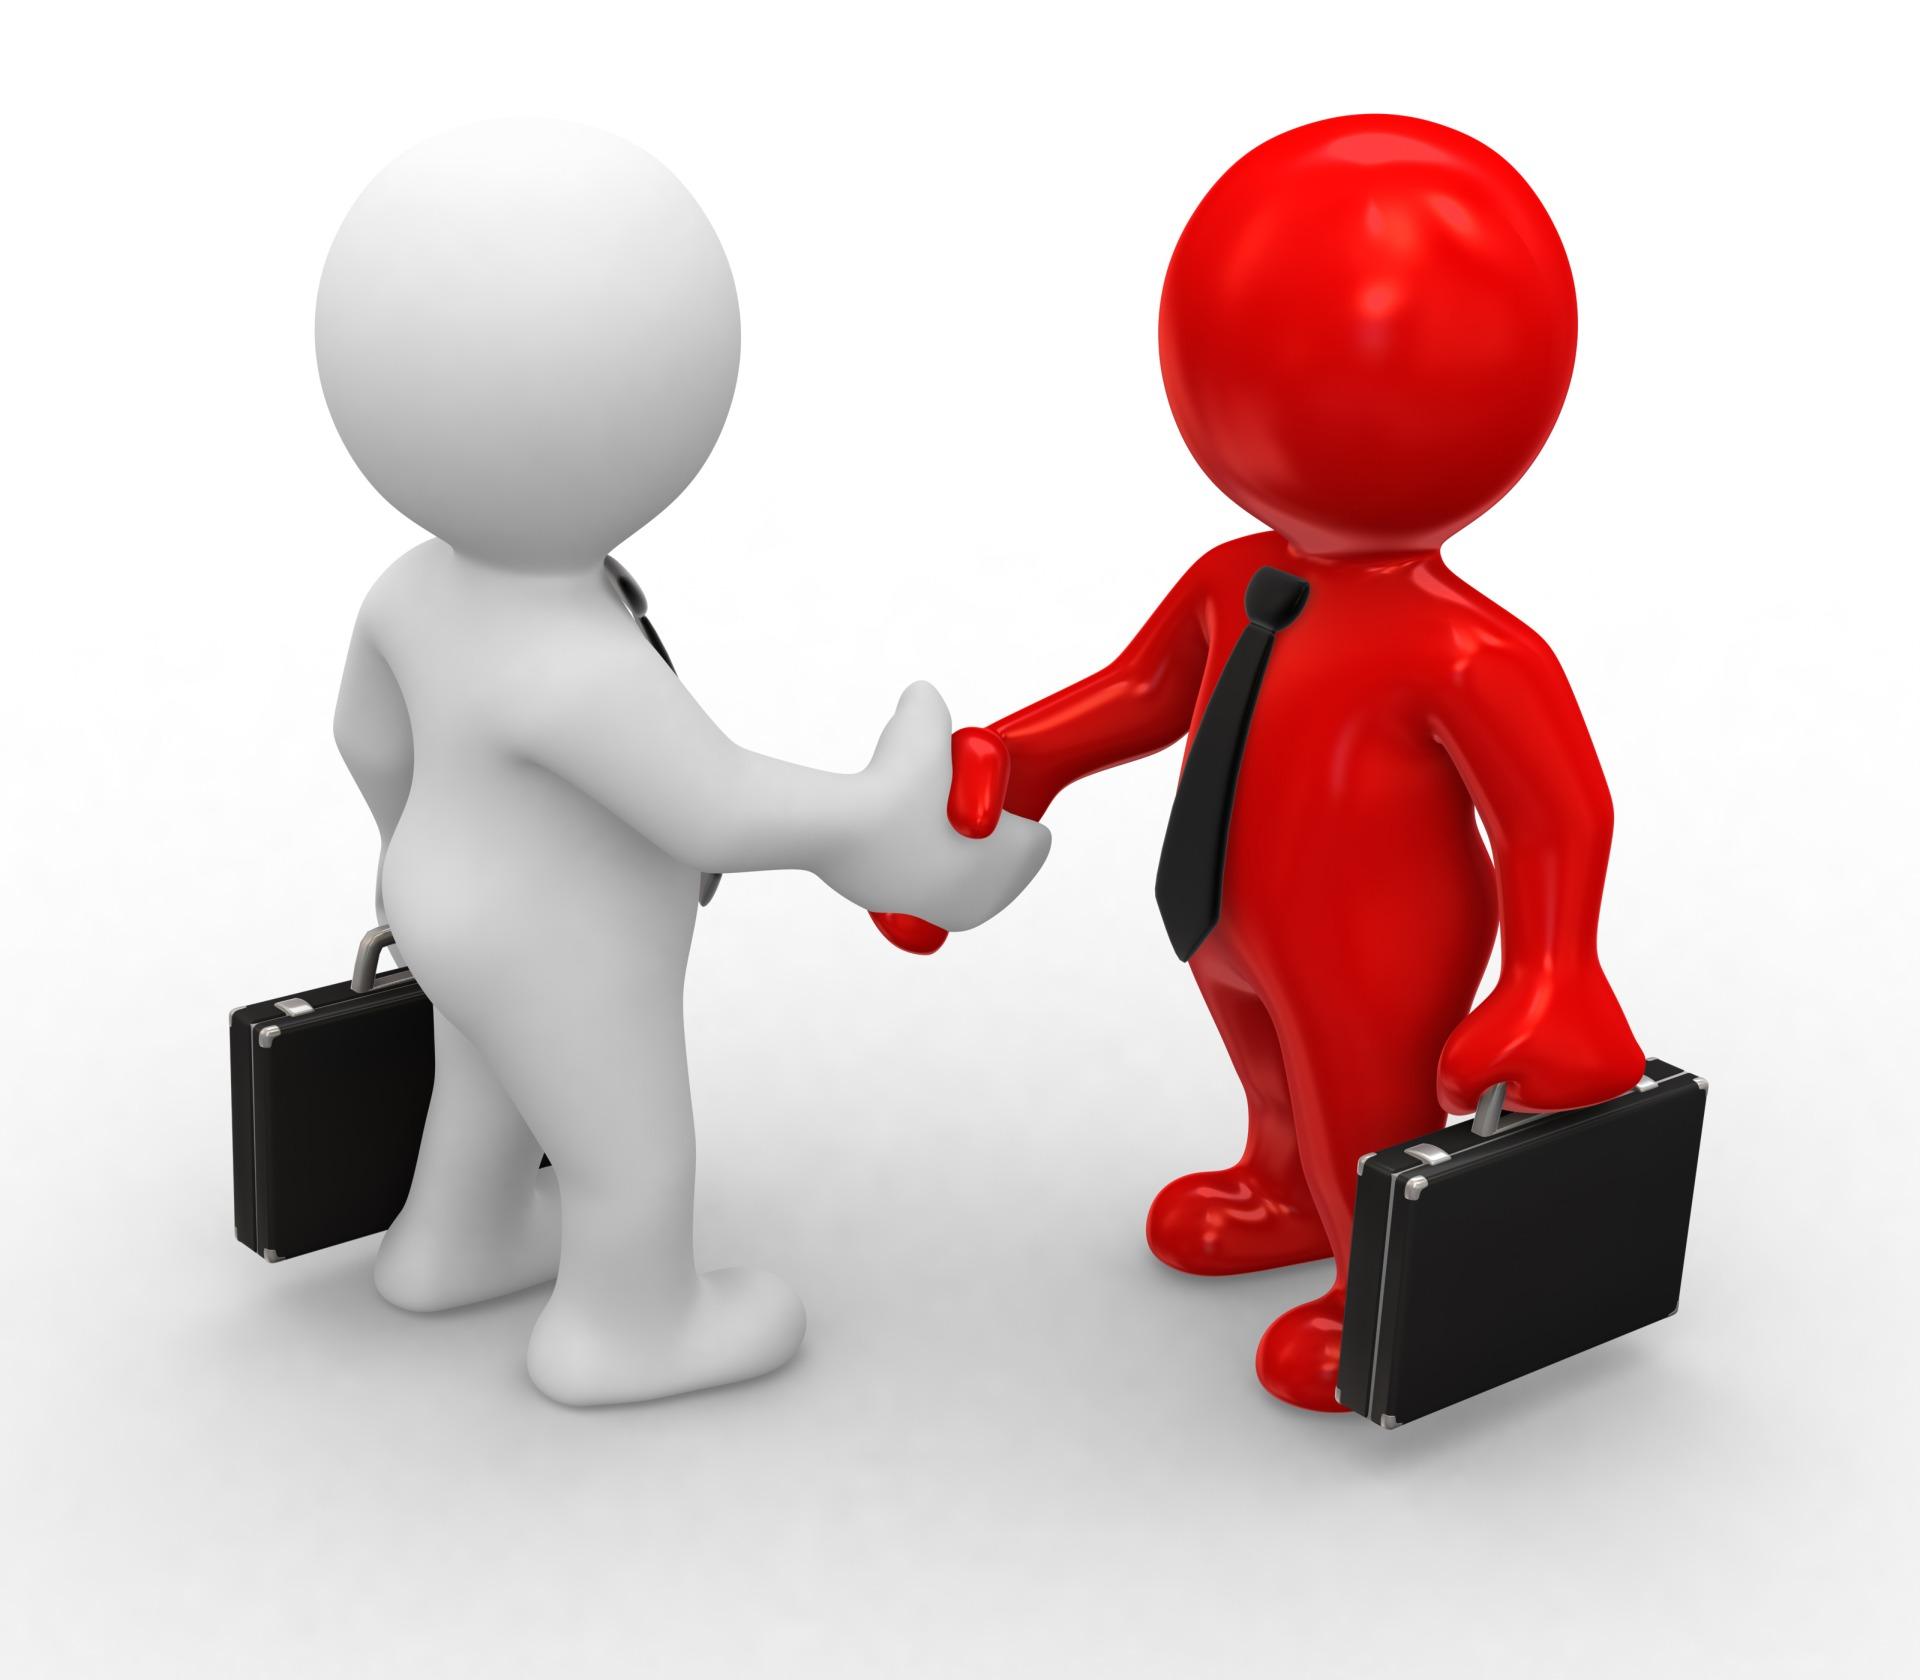 Контракт на уборку офисных помещений от клининговой компании Услуги ДВ